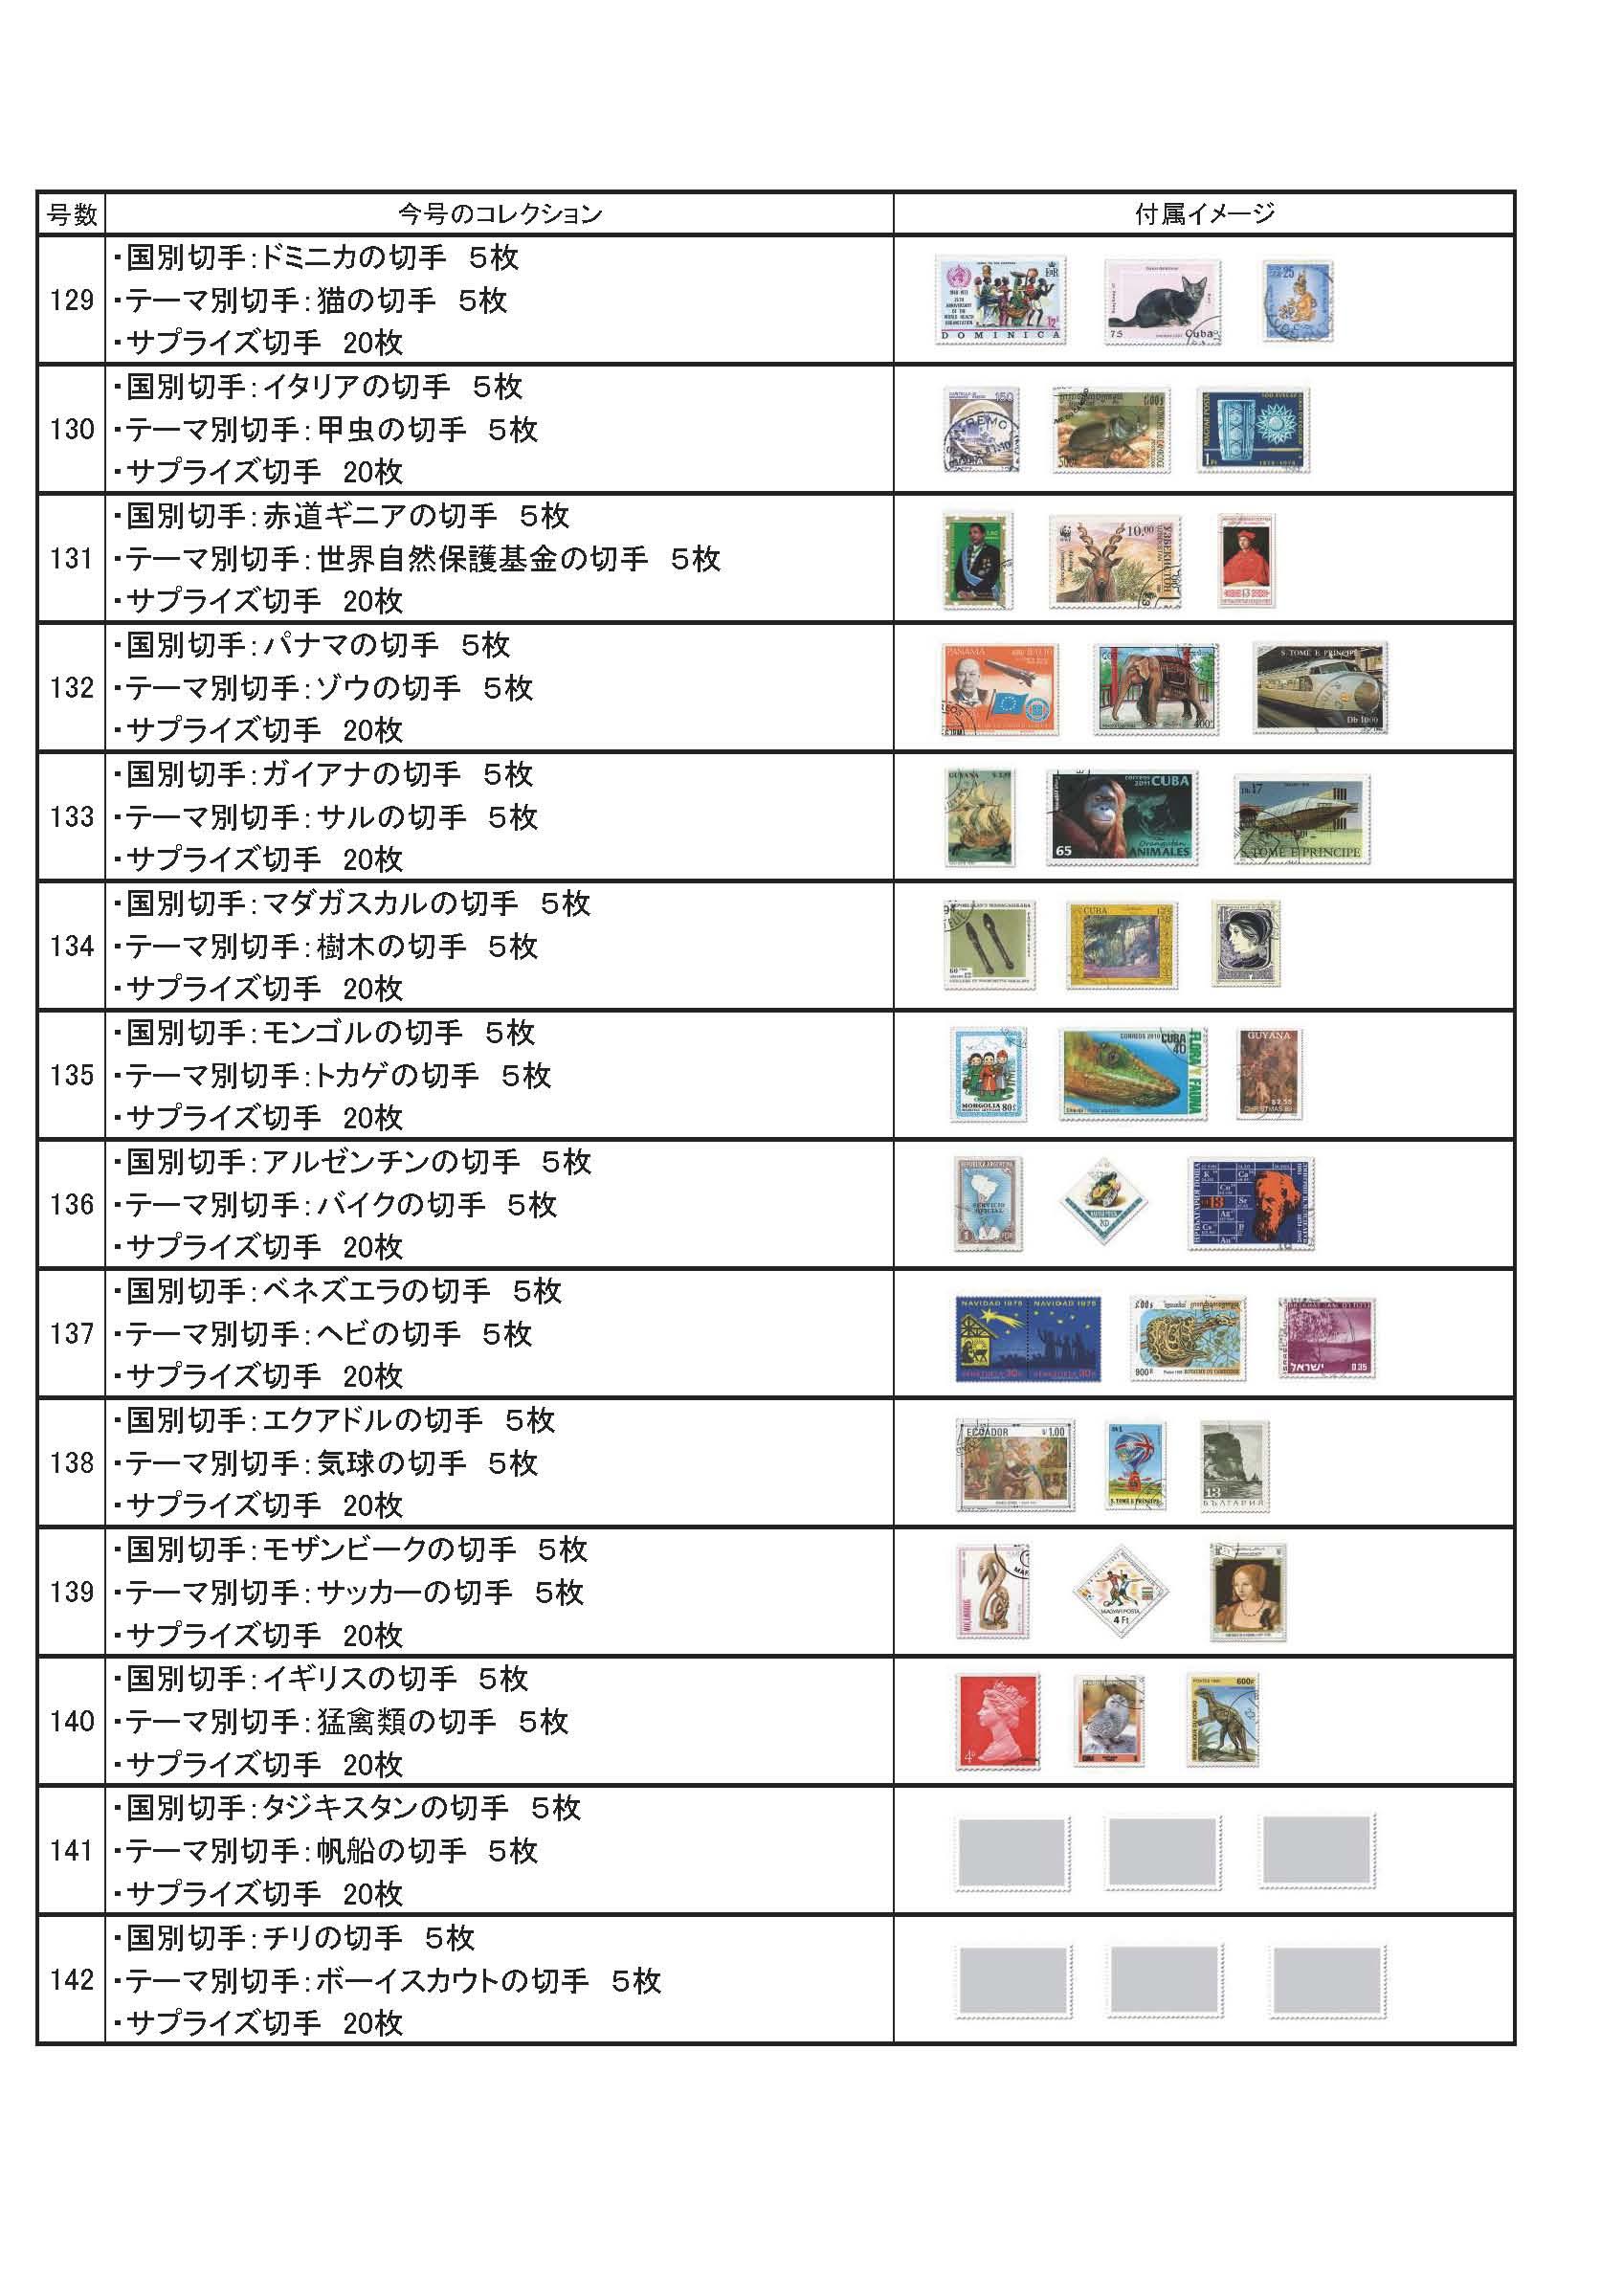 付属切手ラインナップ20170306_ページ_11.jpg